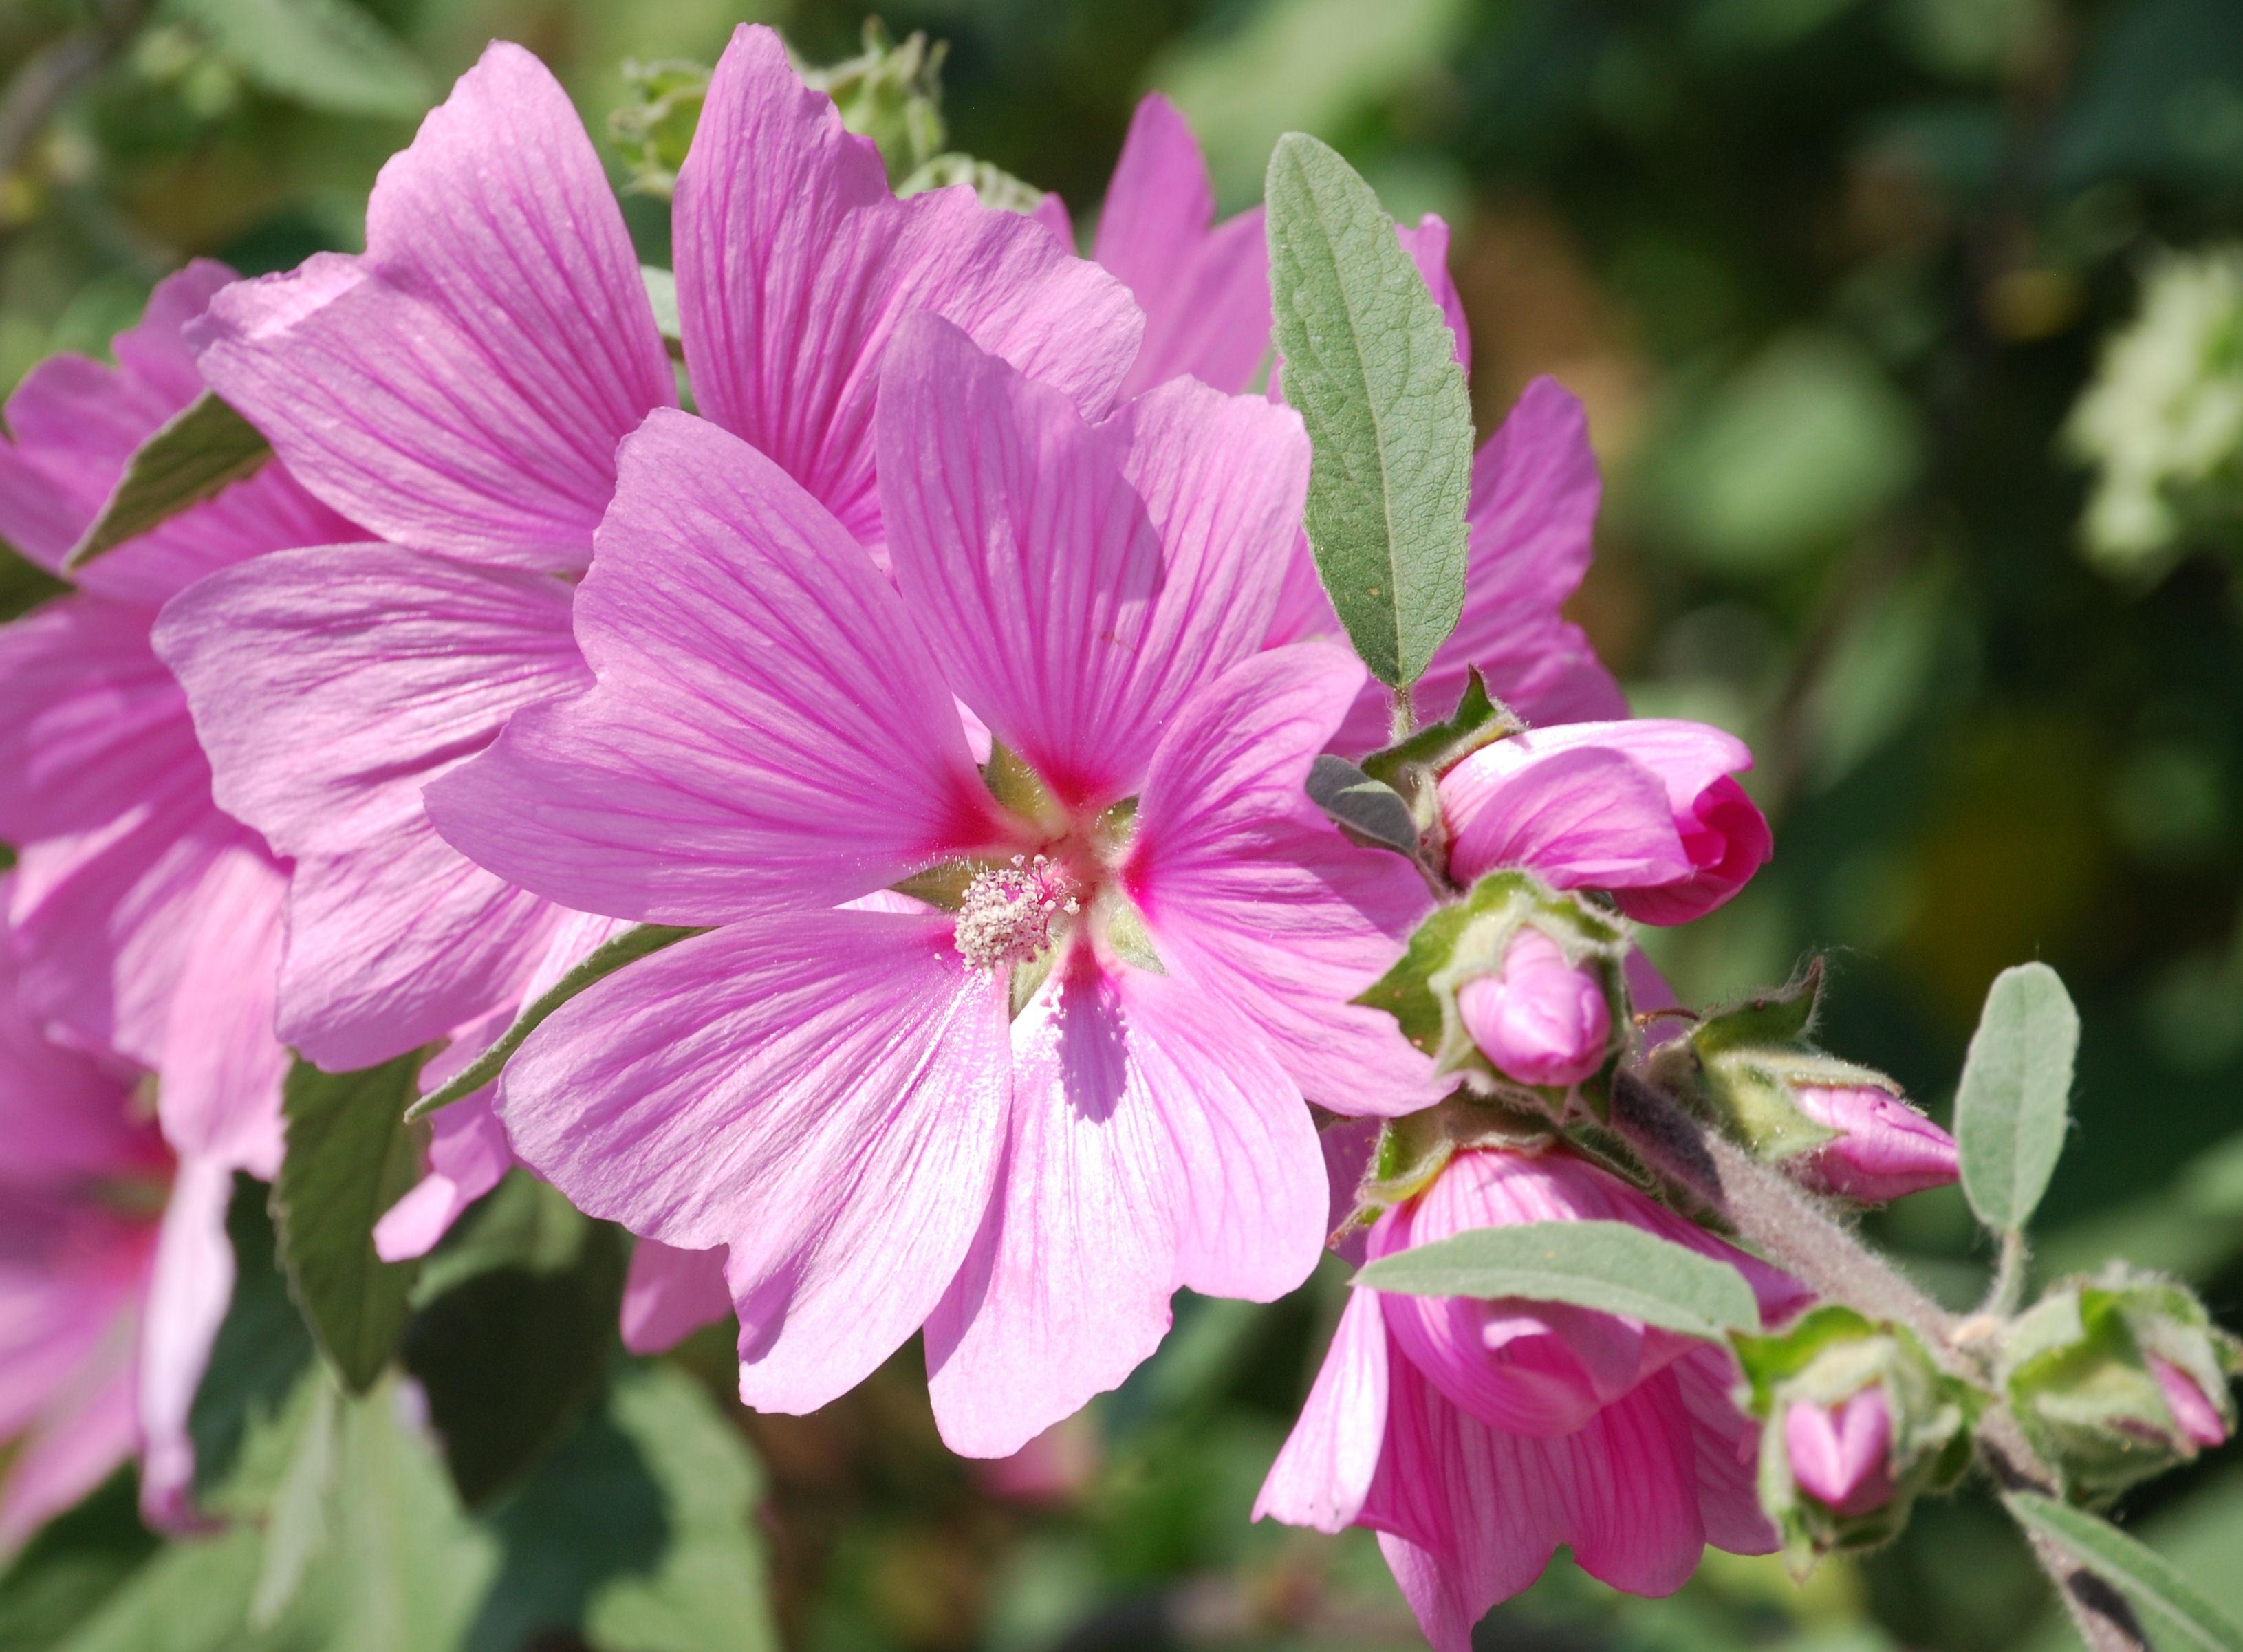 images gratuites : fleur, pétale, botanique, rose, flore, fleur